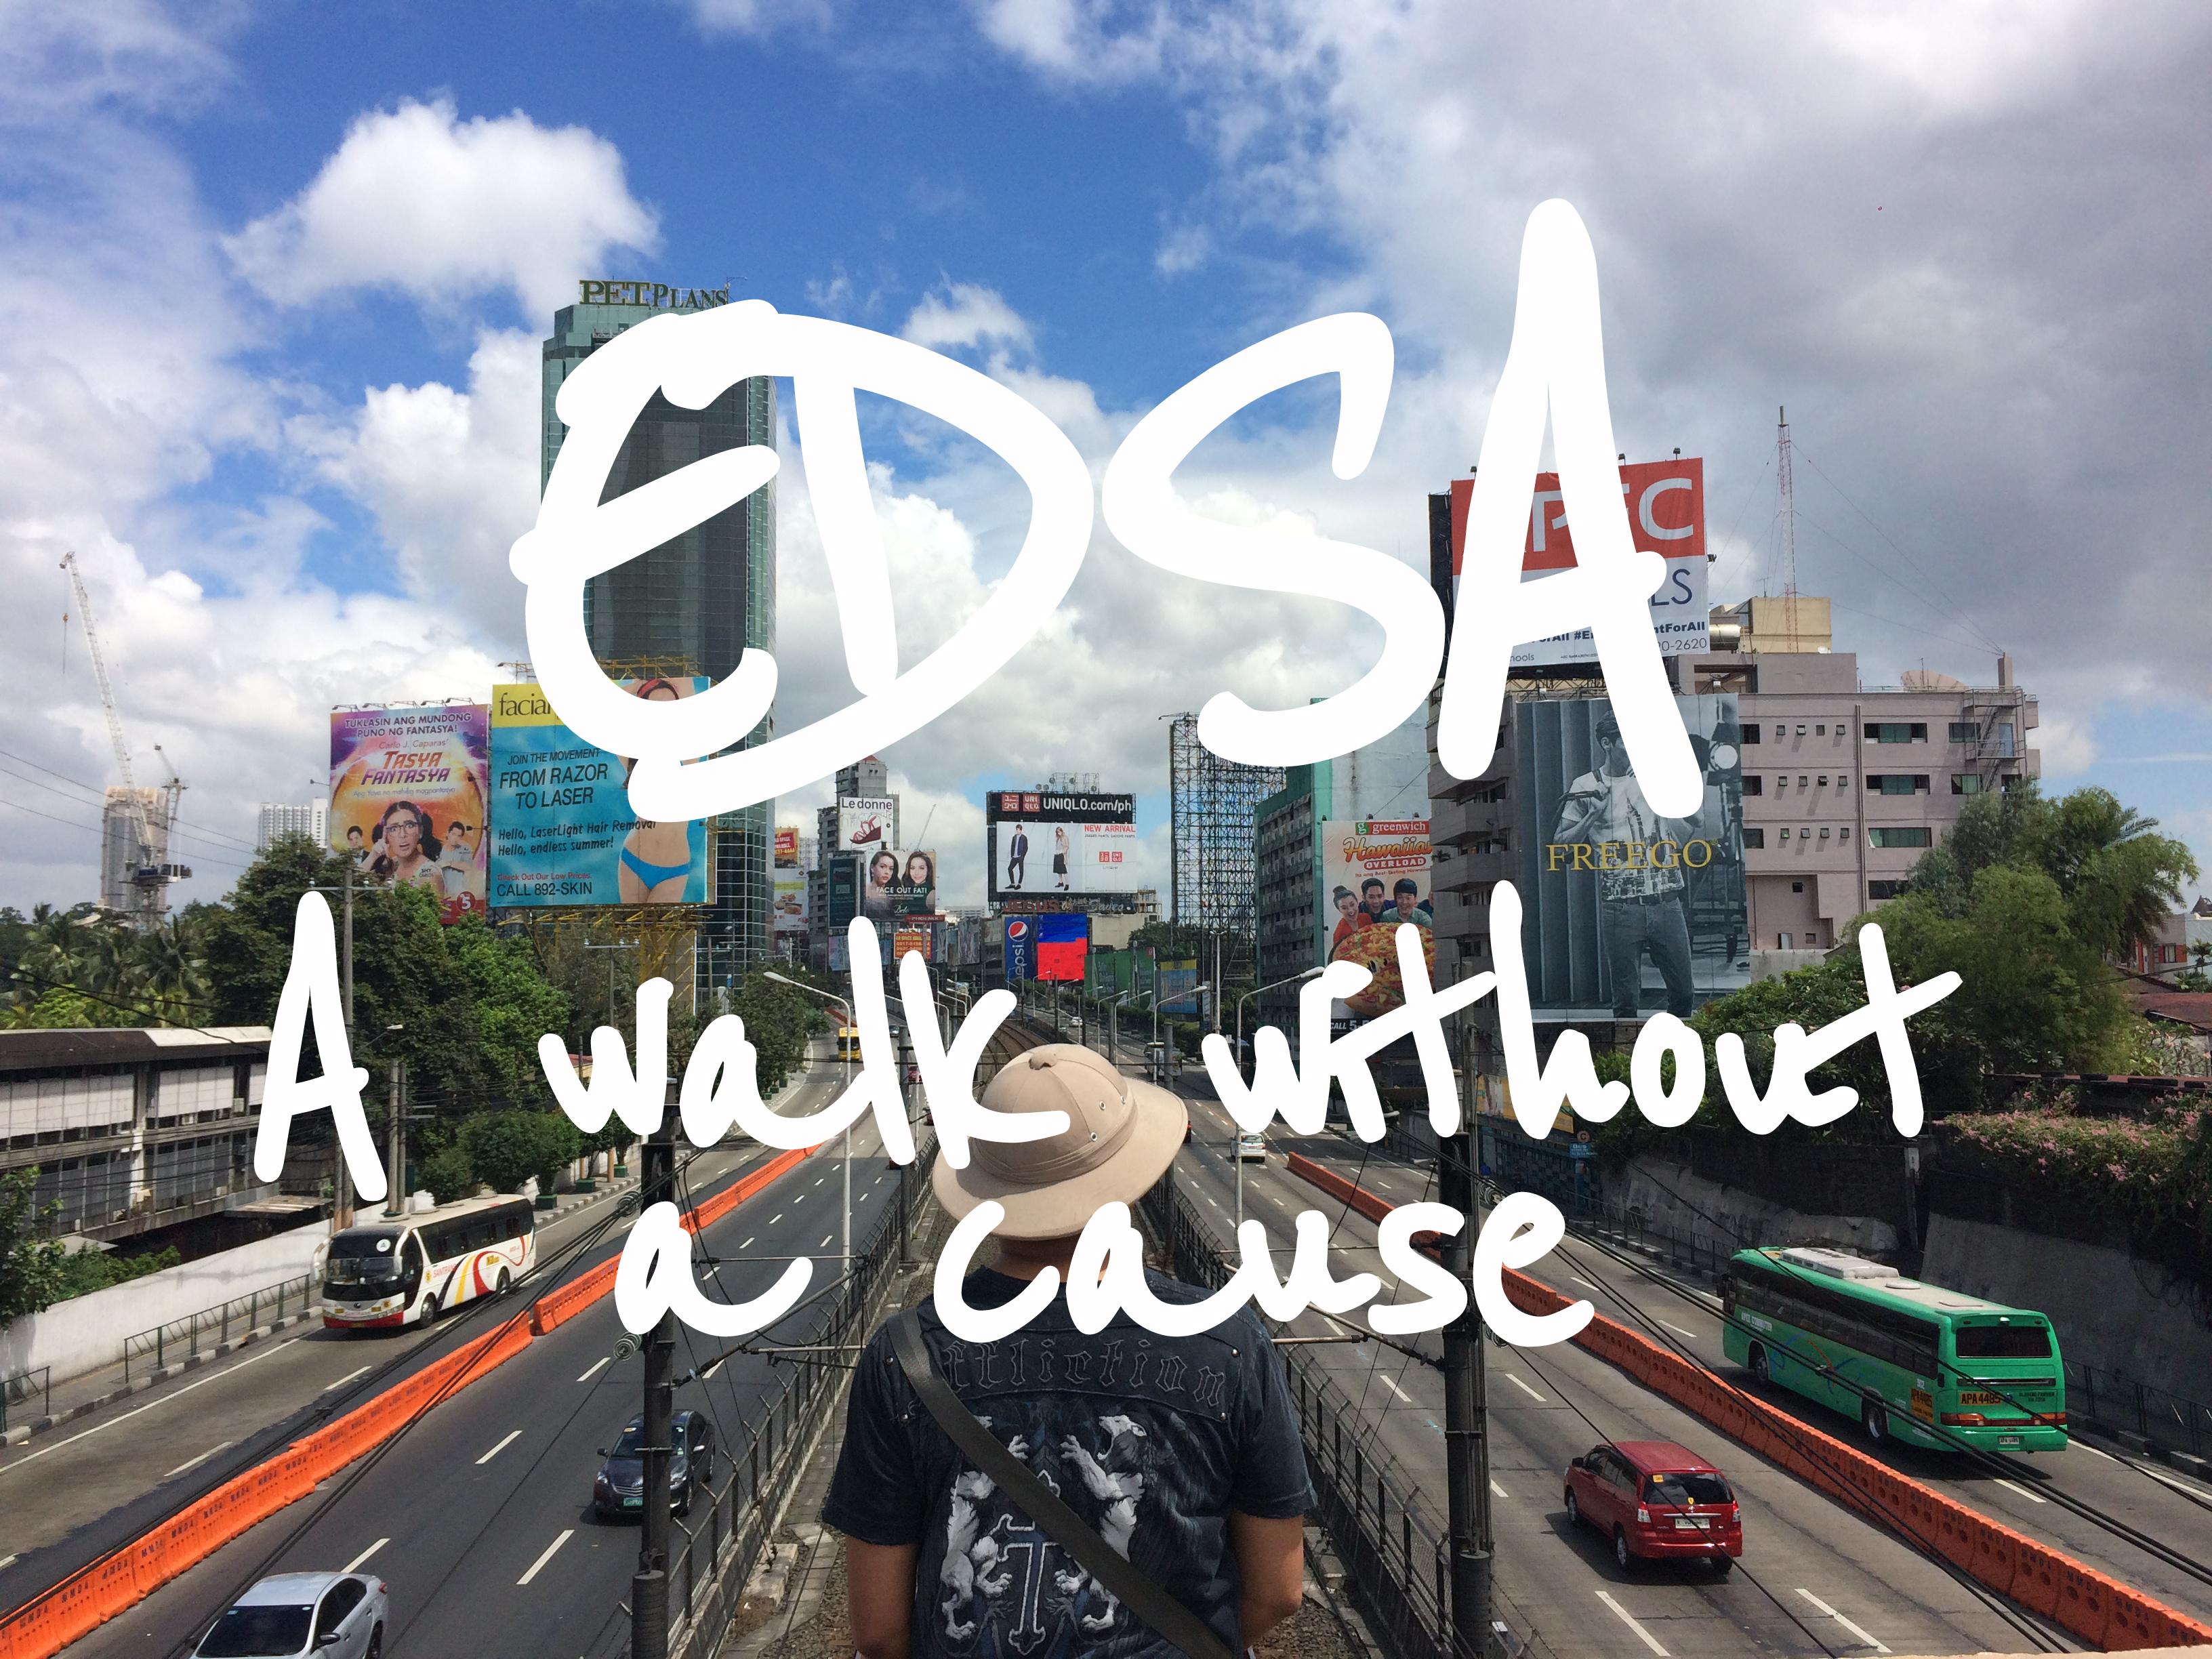 EDSA - Epifanio de los Santos Avenue